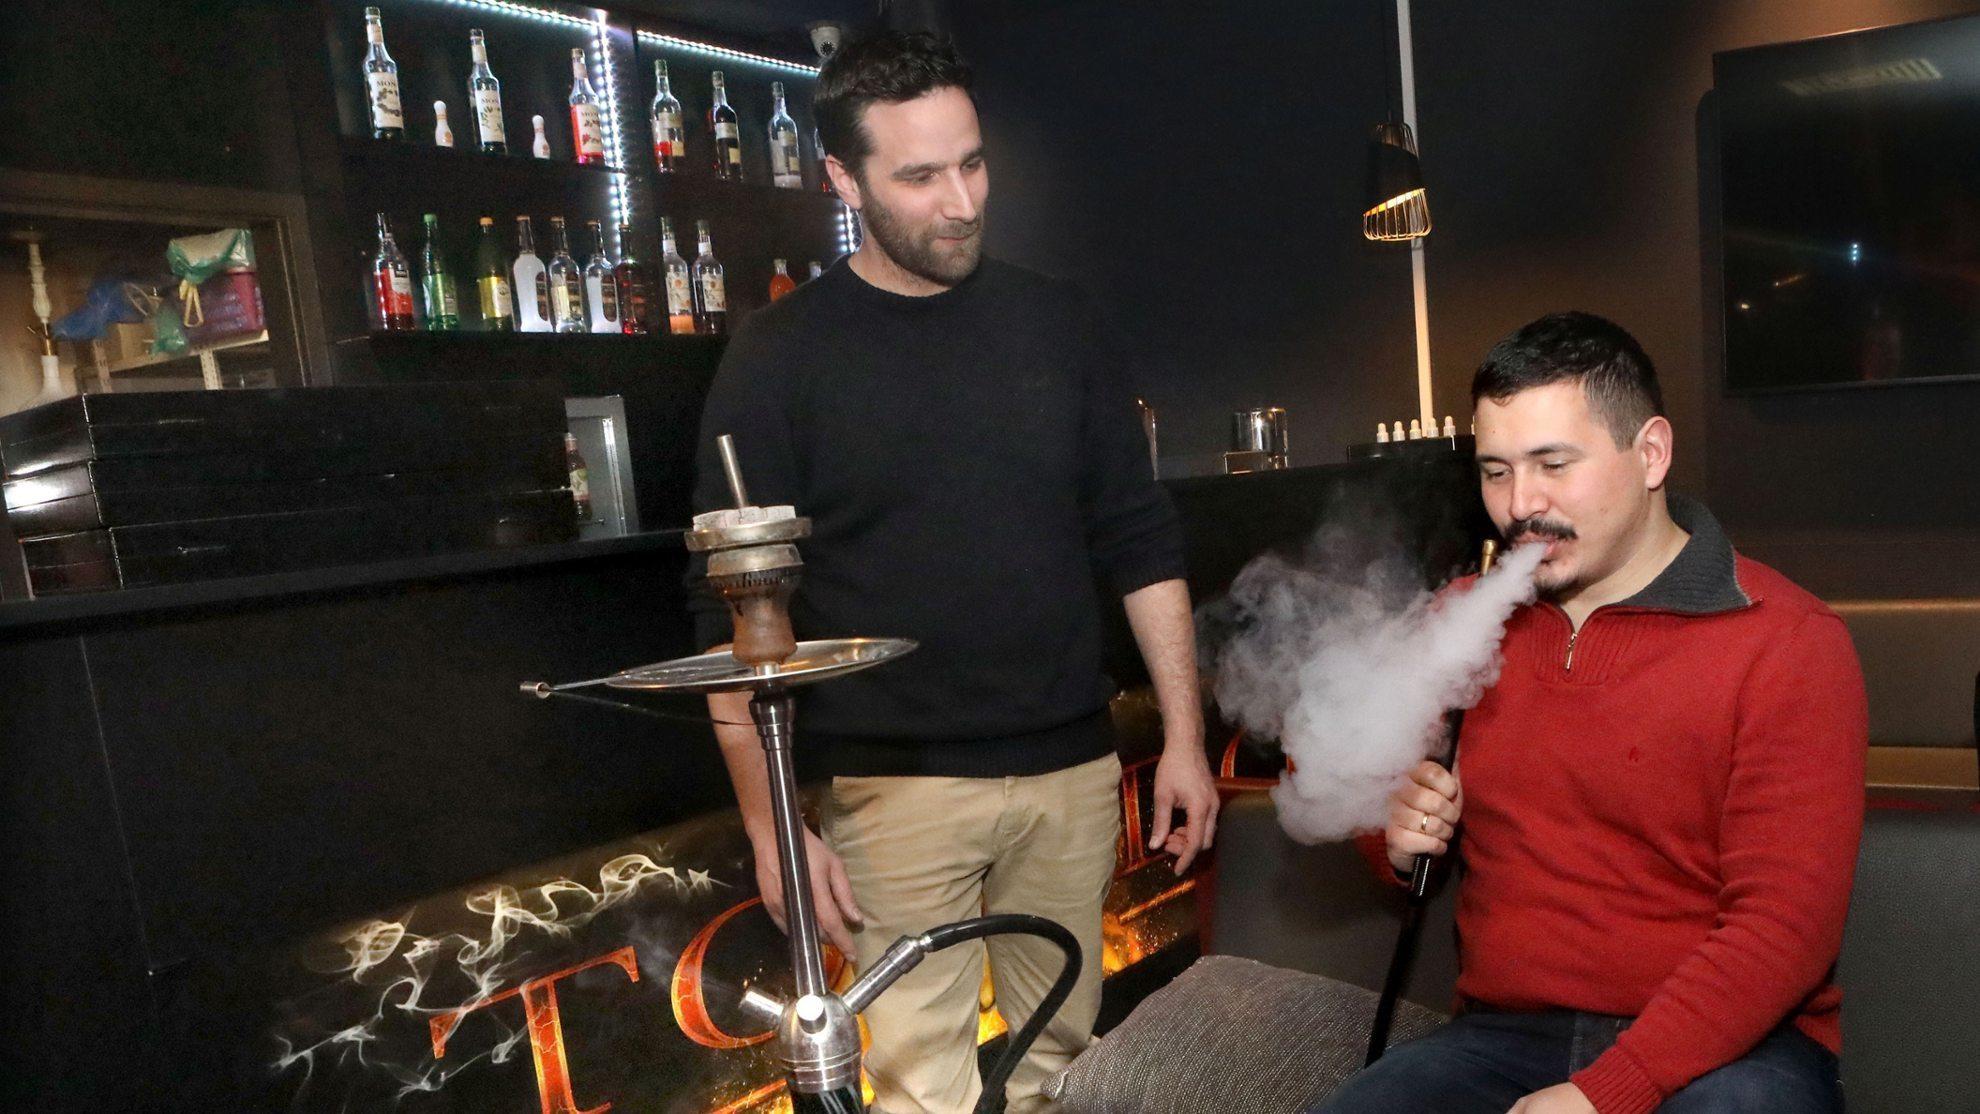 Nach Hanau: Normalität in der Shisha-Bar? - Waiblingen